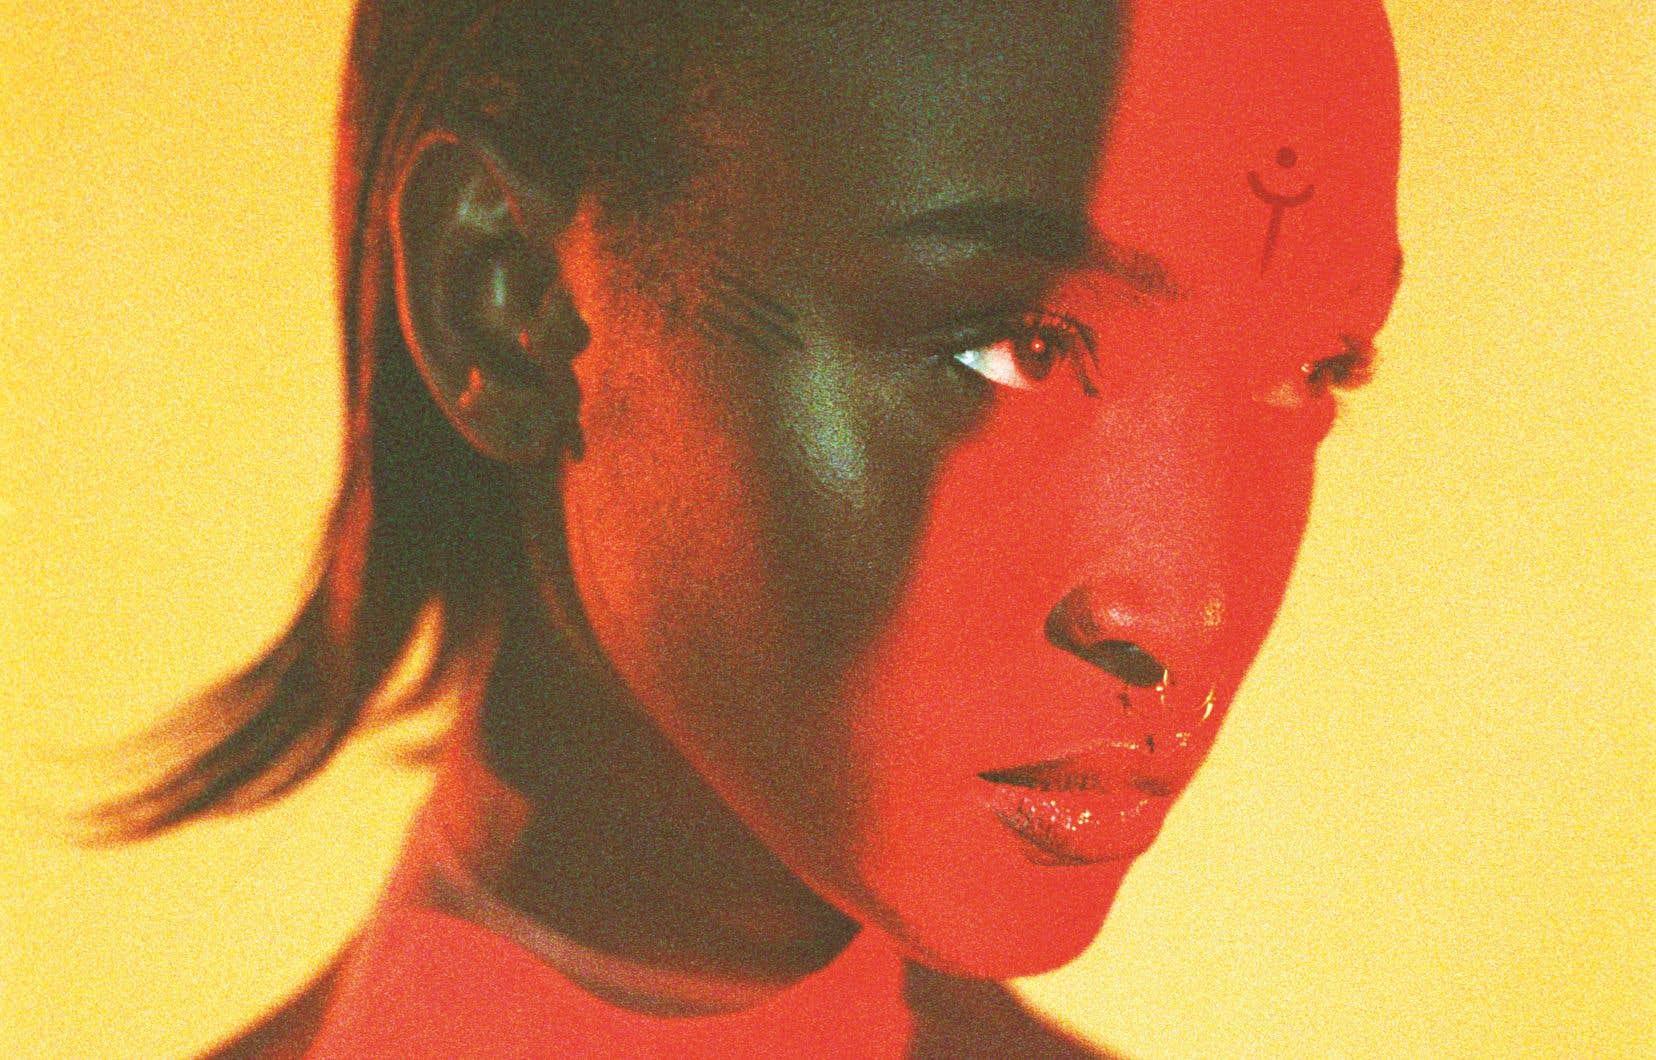 Dans cet album, Lous parle d'elle et du monde qui l'entoure avec une frappante lucidité.